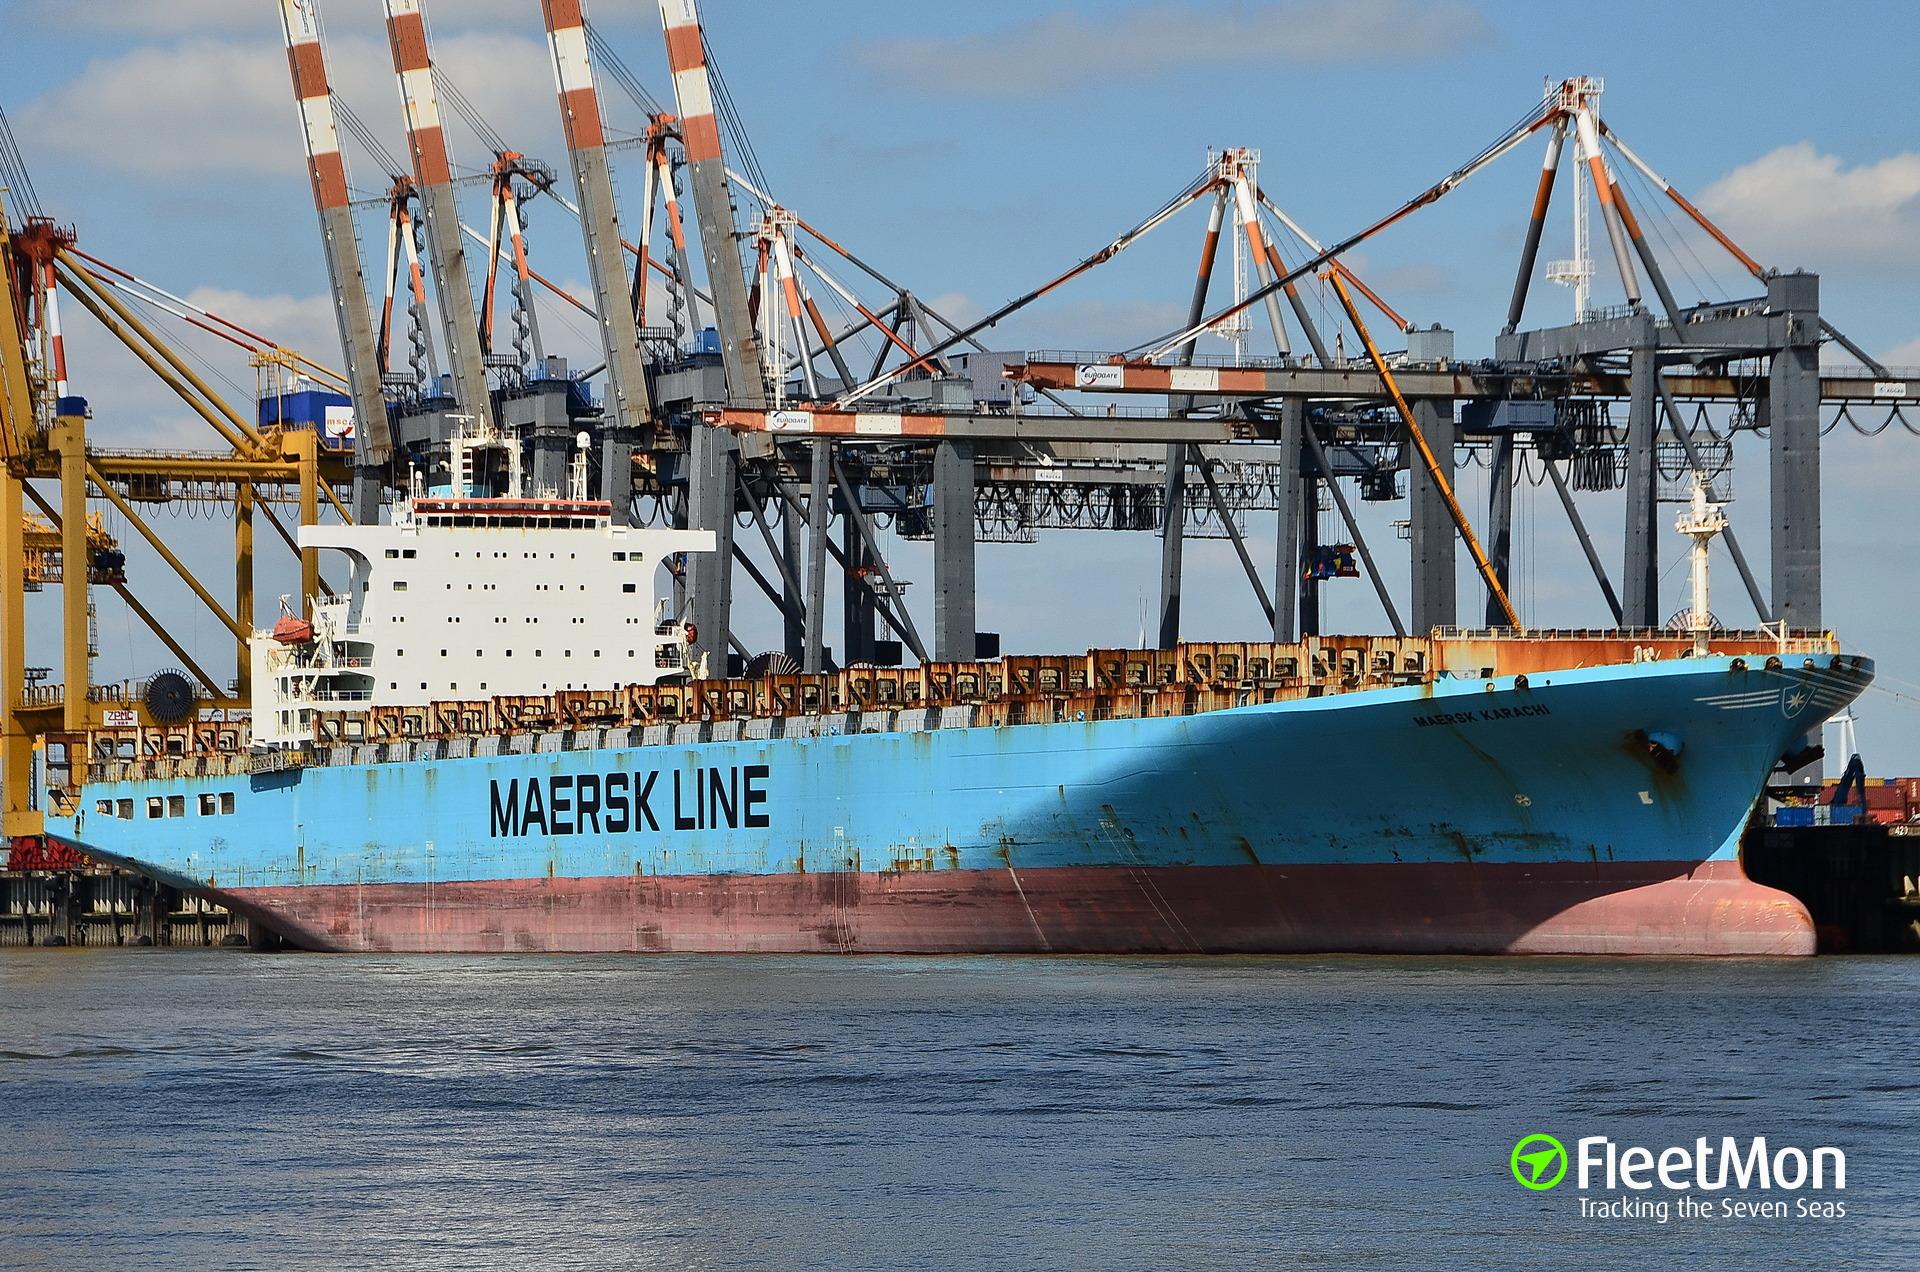 Container crane collapsed, crashed onto boxship Maersk Karachi, one missing